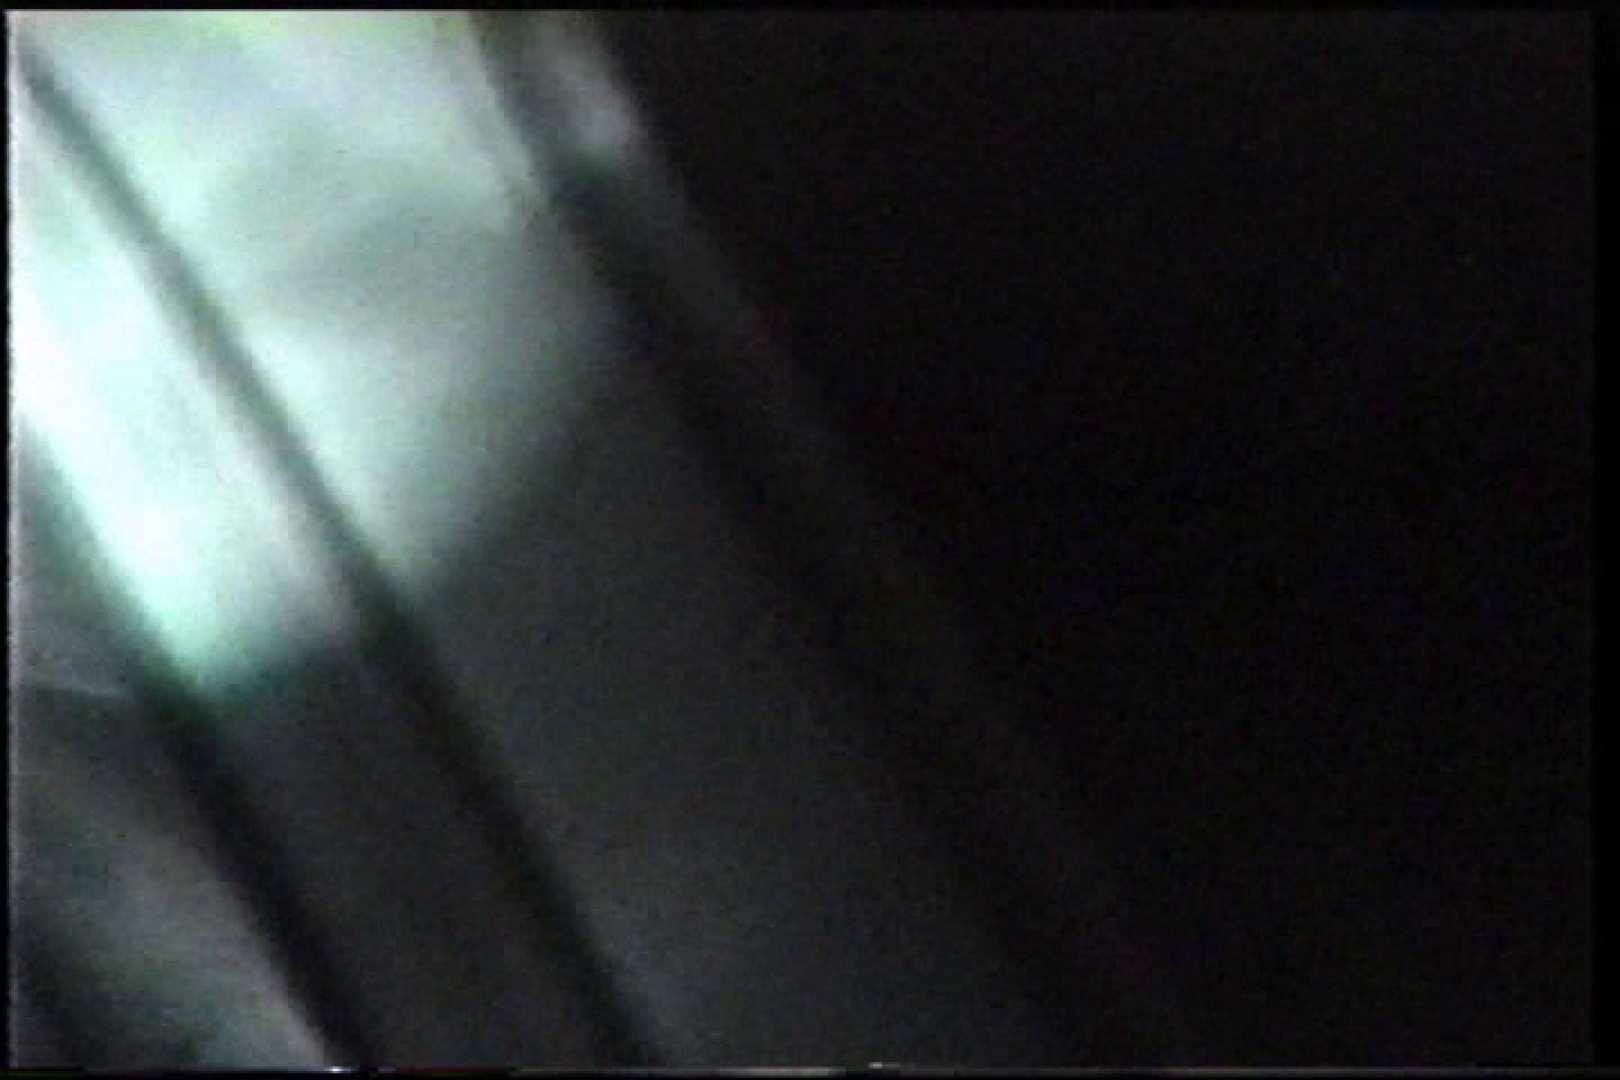 充血監督の深夜の運動会Vol.214 後編. レズ特集 ヌード画像 88pic 83